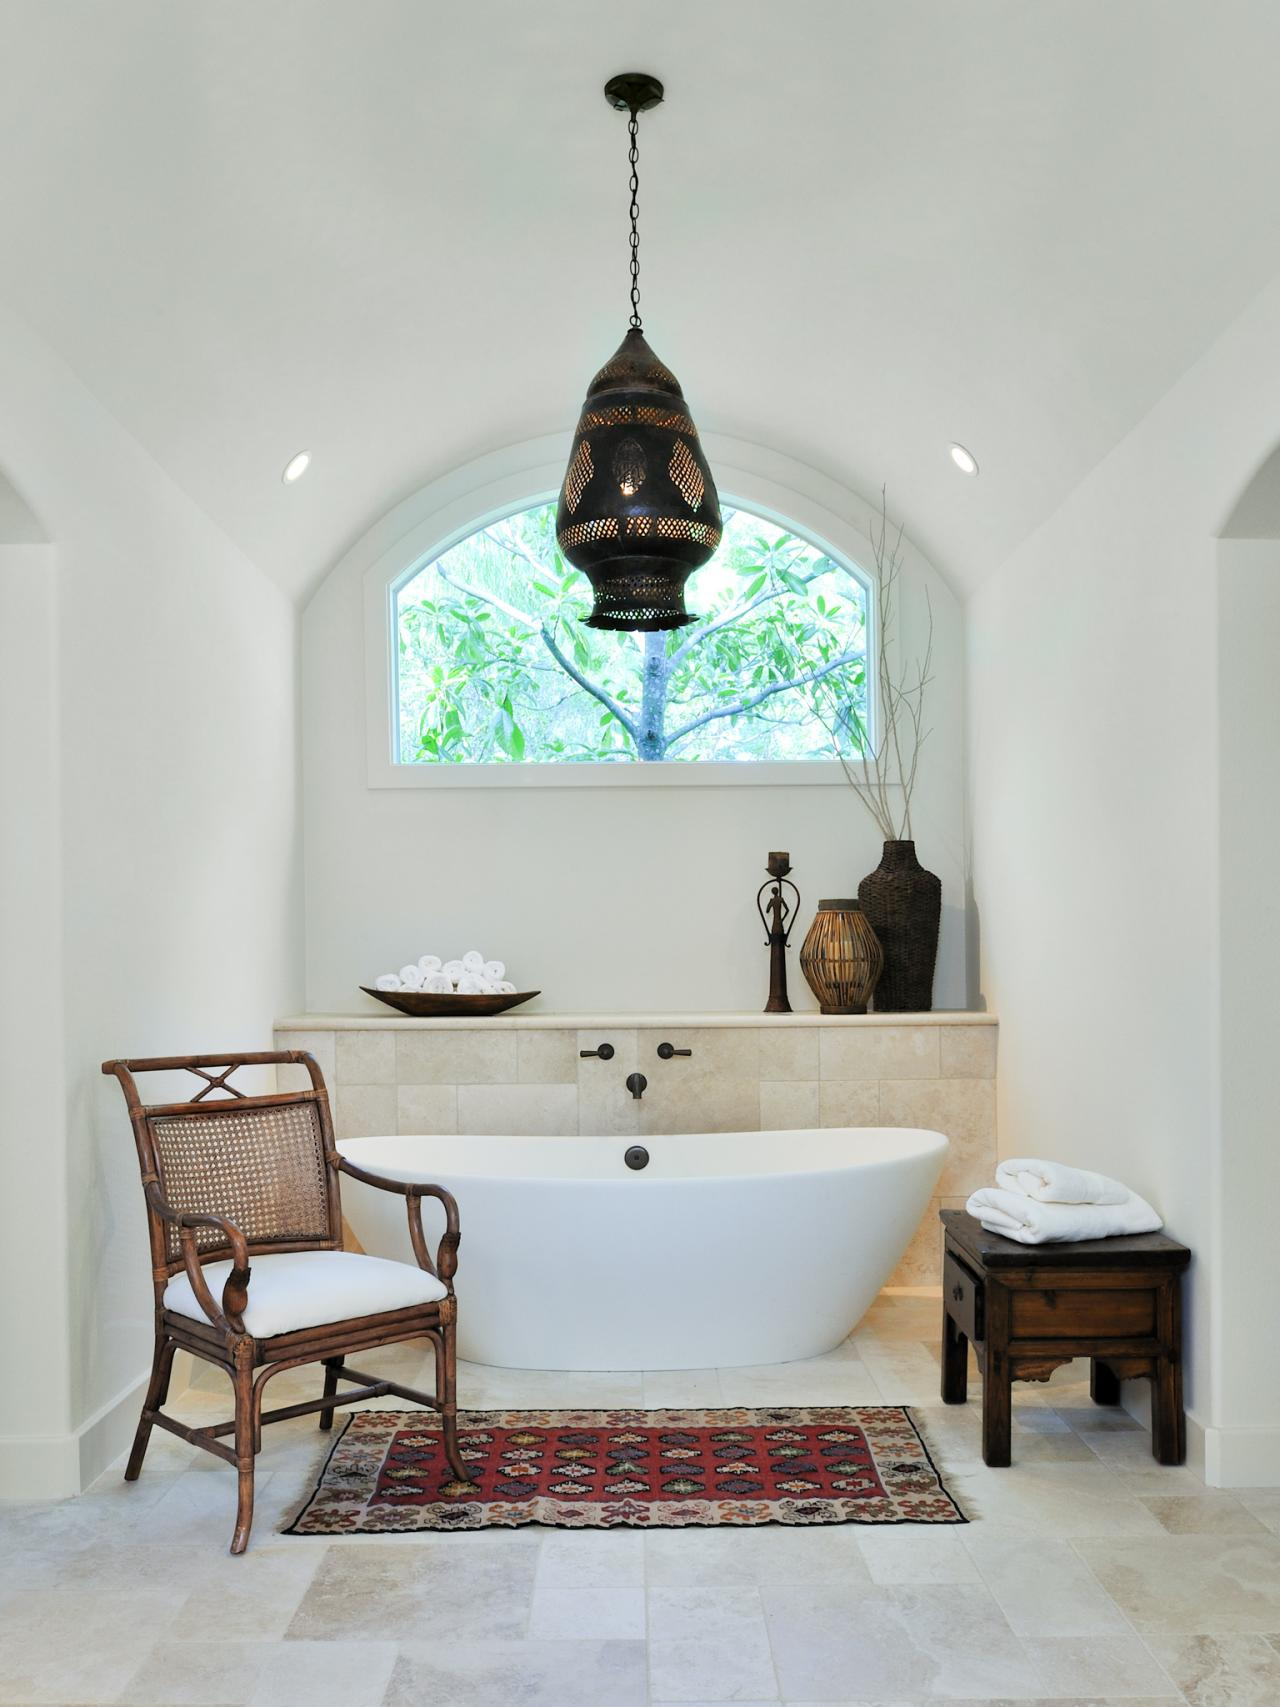 kleines badezimmer einrichten mit badewanne freistehend und marokkanischer pendellampe und teppich vor der badewanne